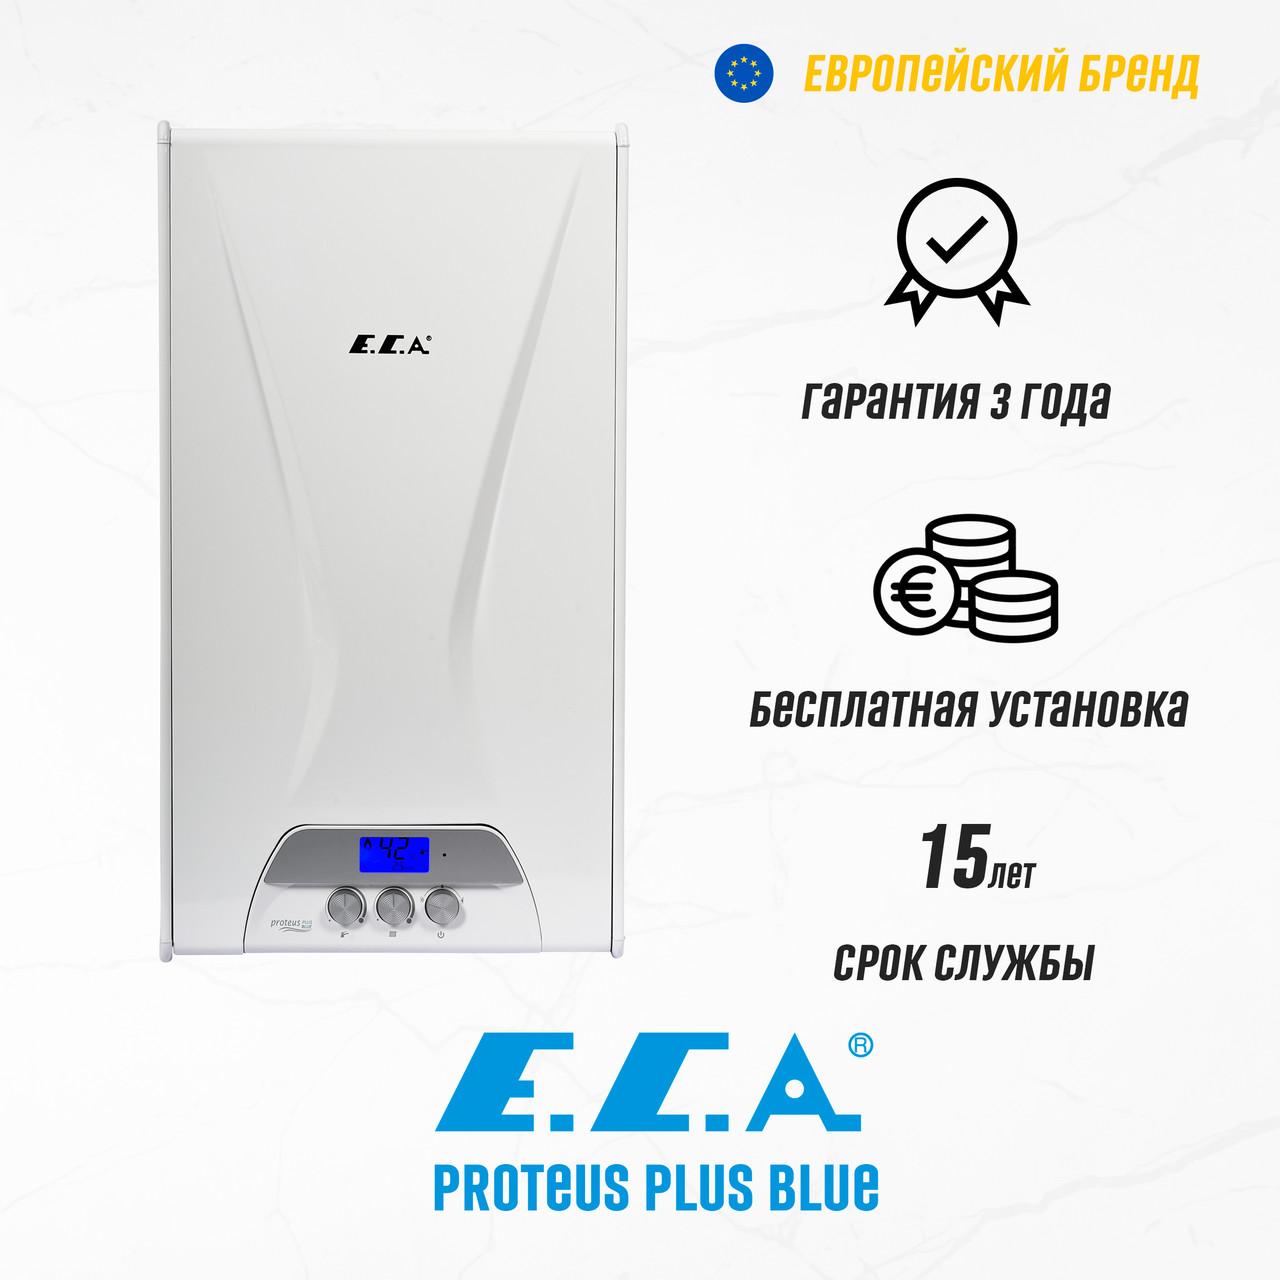 Котел газовый eca Proteus Blue 24kw